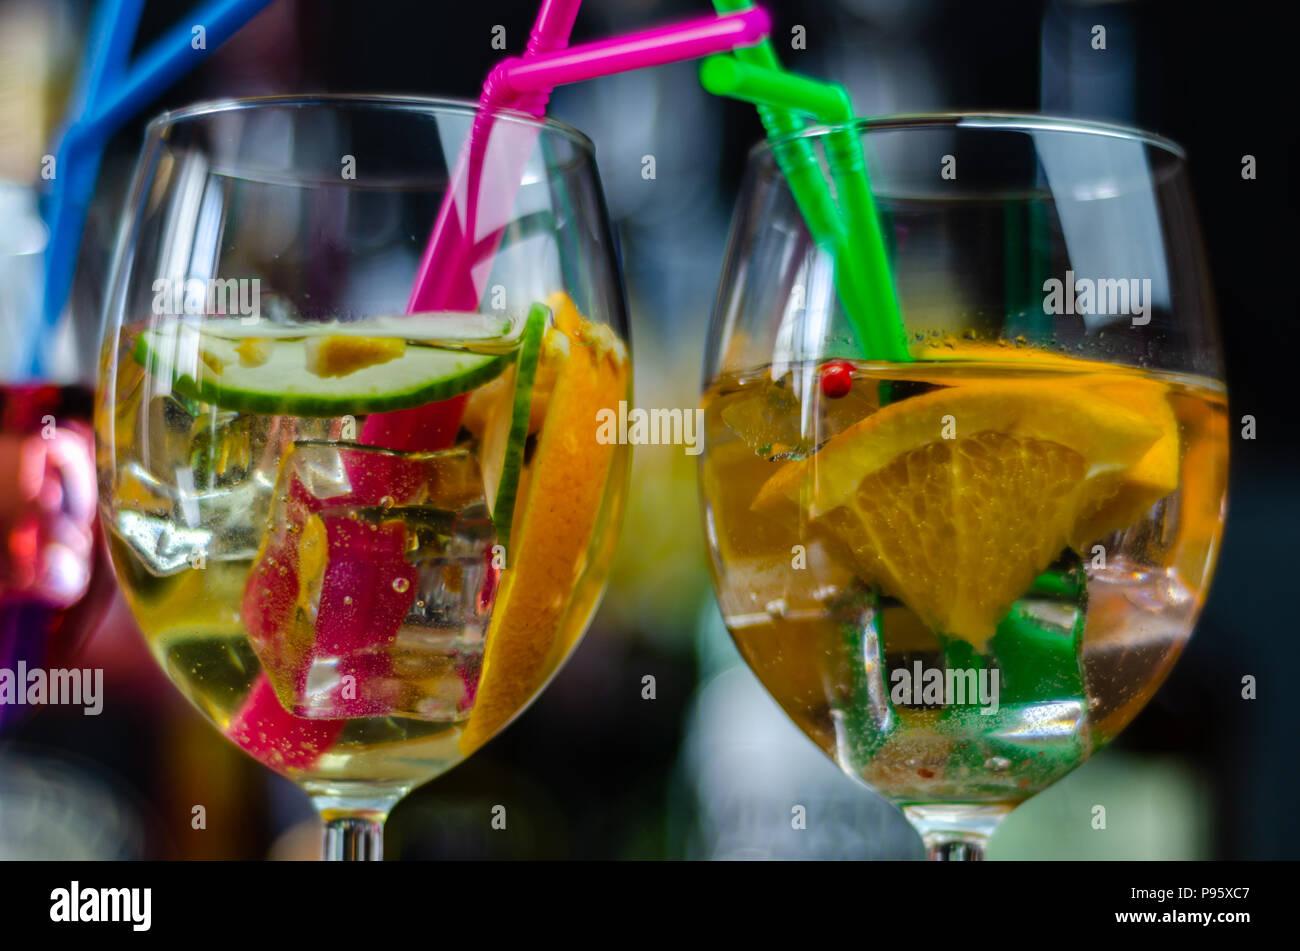 Sangria traditionellen fruchtigen Cocktail aus Spanien am süßen Wein und Obst, ein erfrischendes Getränk Stockbild